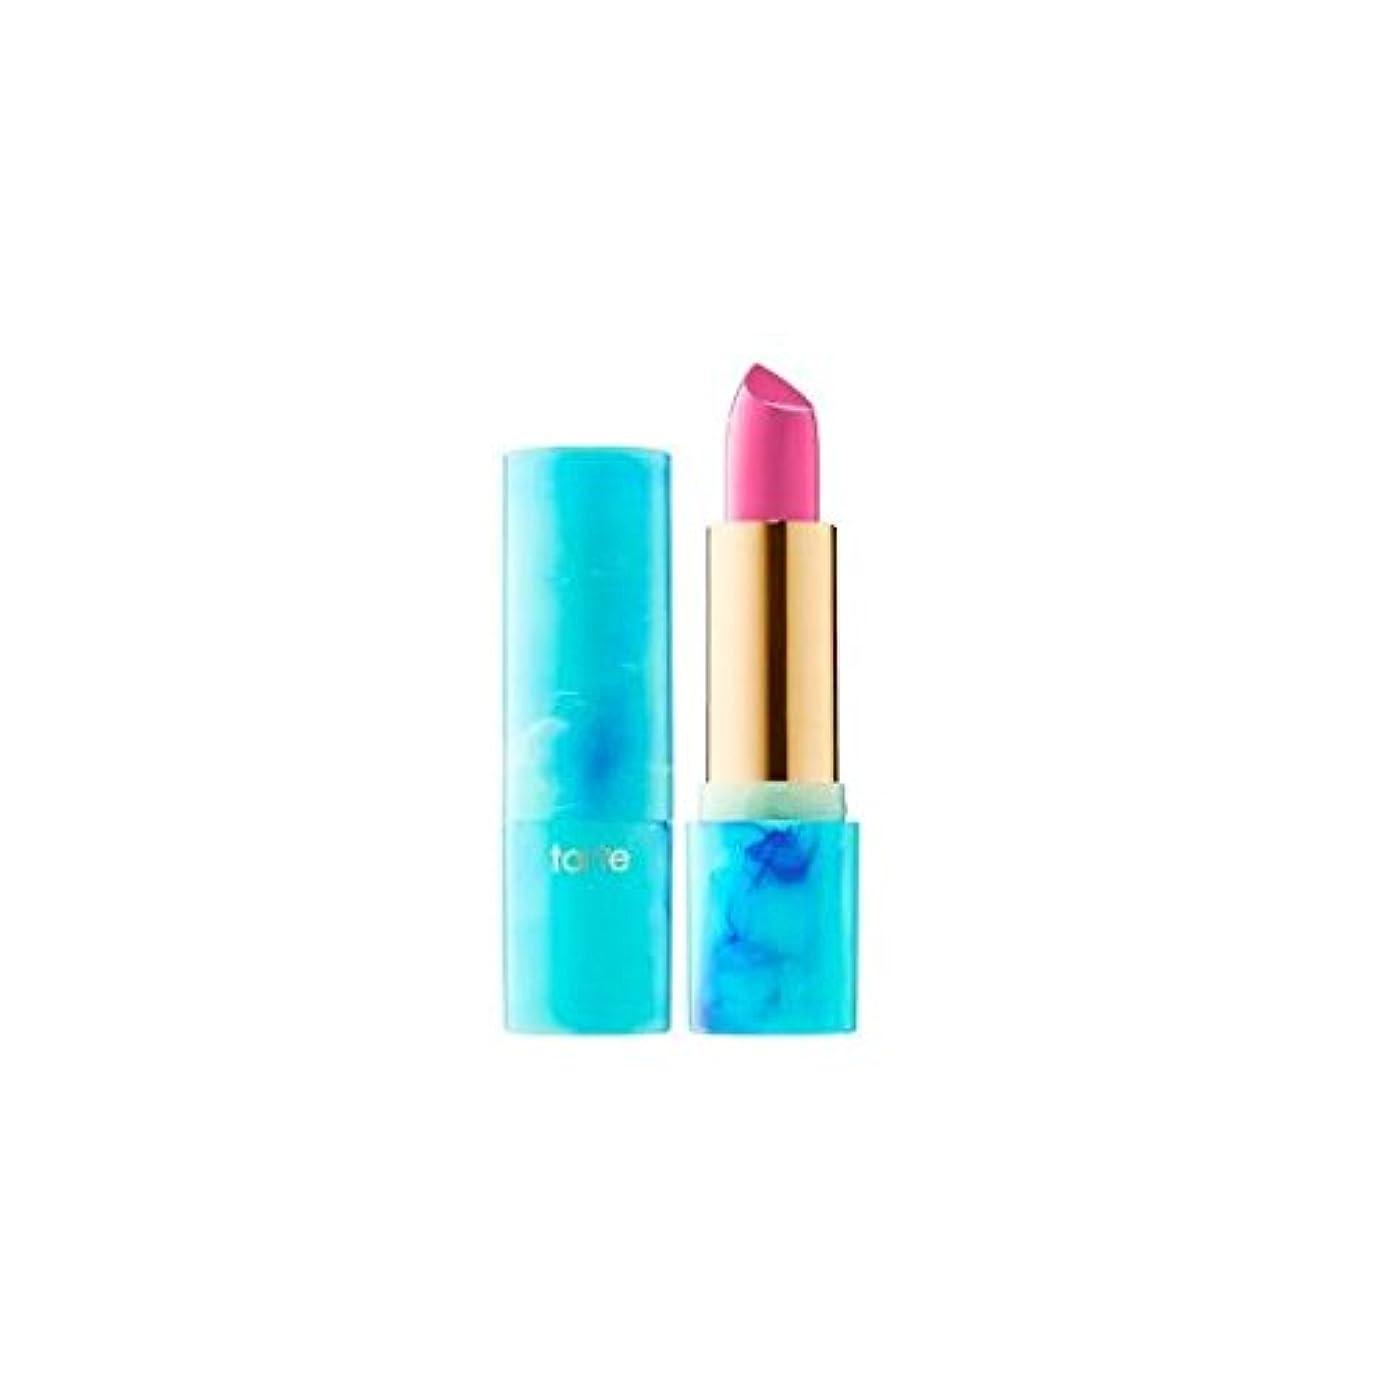 特に狂乱落とし穴tarteタルト リップ Color Splash Lipstick - Rainforest of the Sea Collection Satin finish